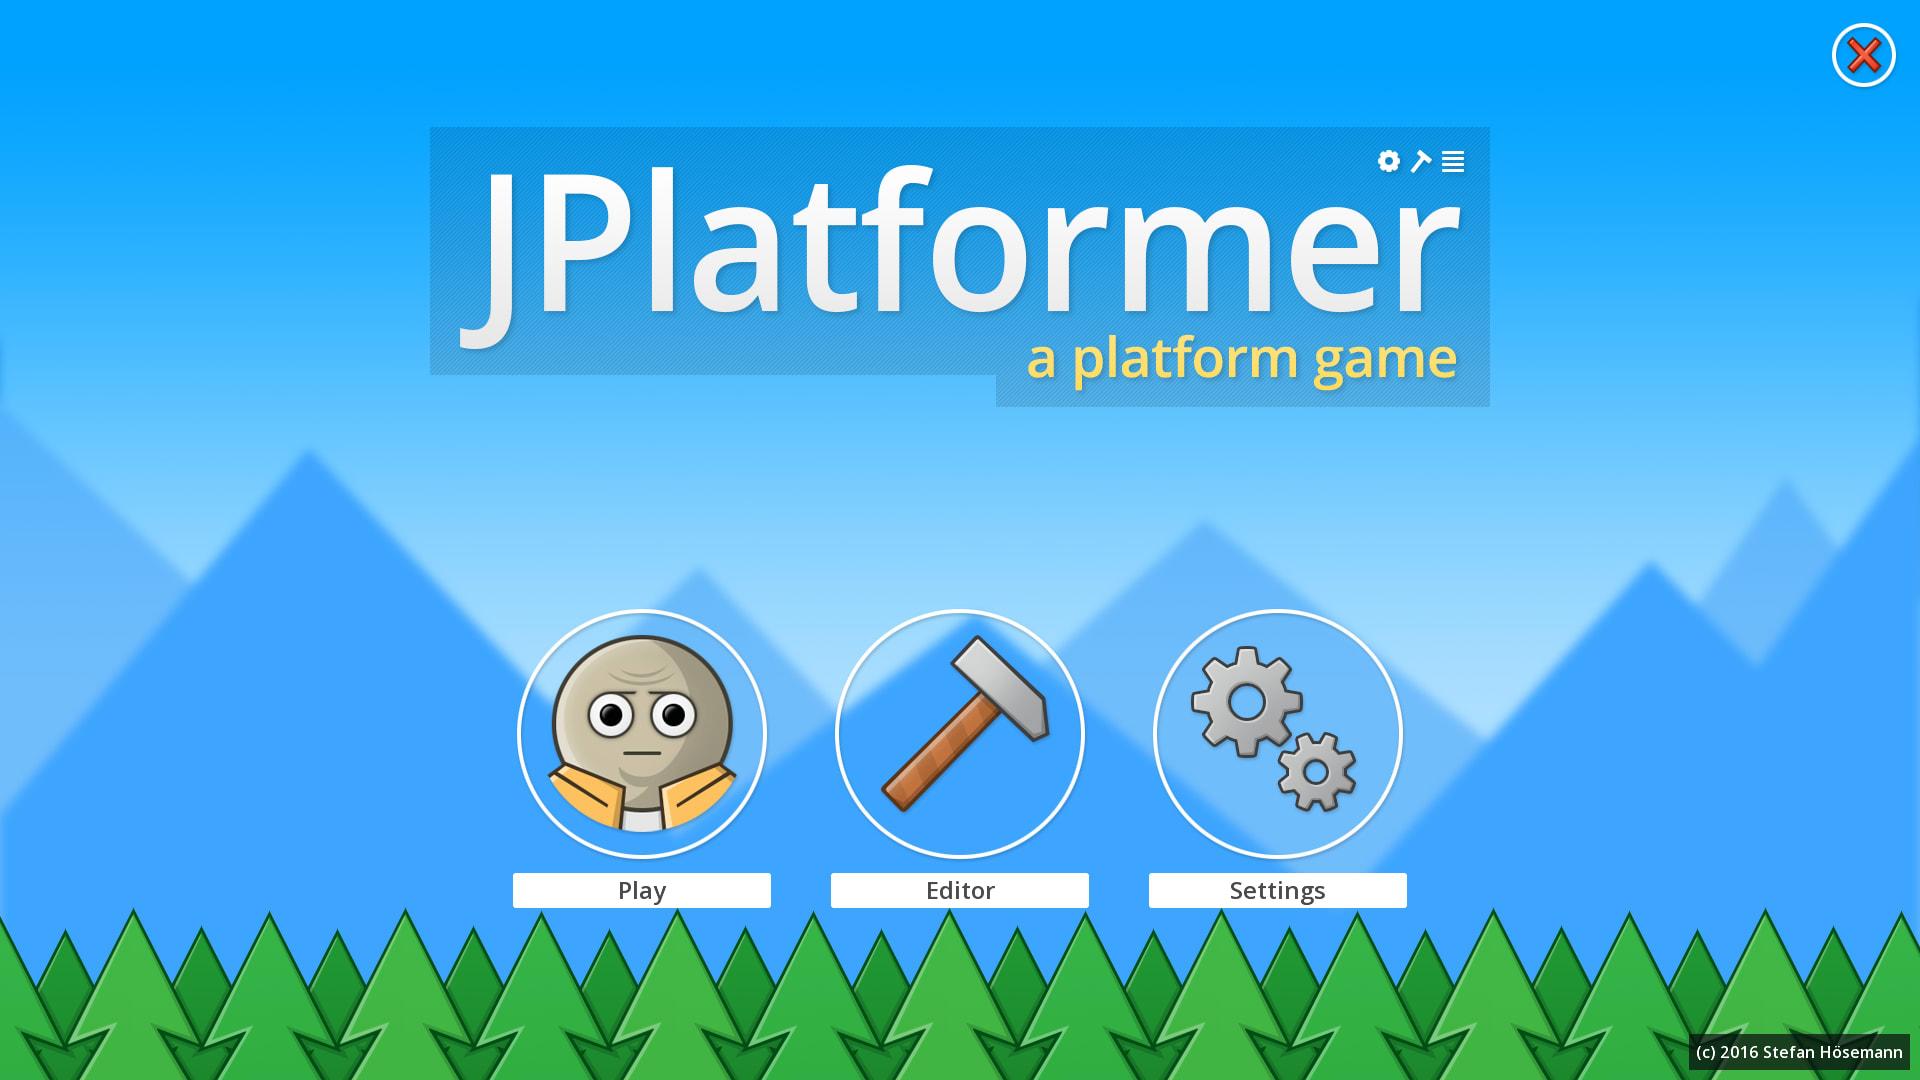 JPlatformer